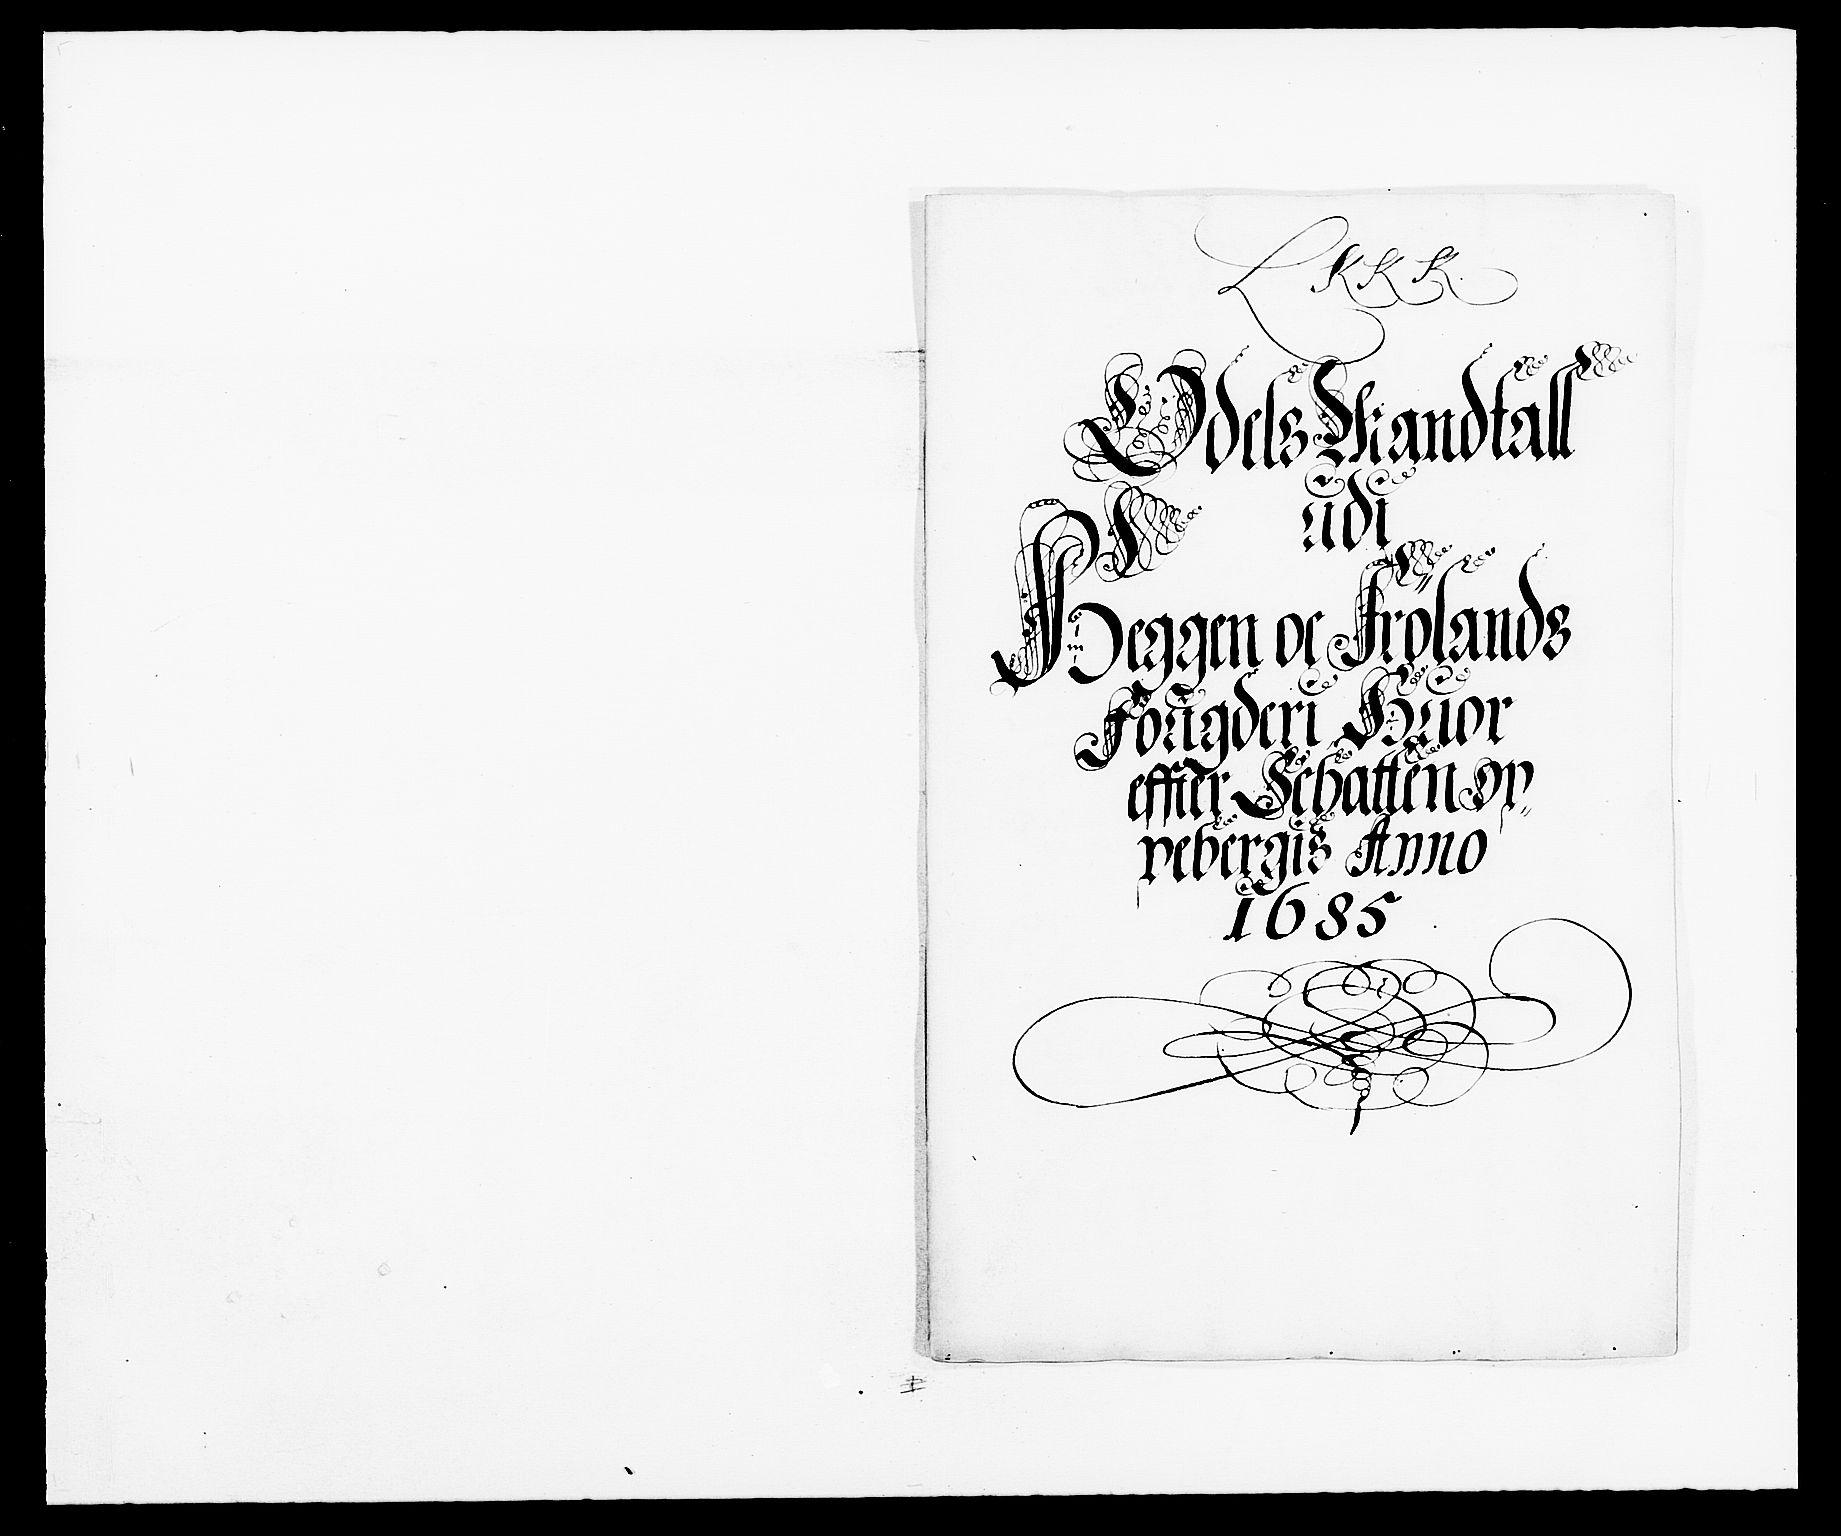 RA, Rentekammeret inntil 1814, Reviderte regnskaper, Fogderegnskap, R06/L0281: Fogderegnskap Heggen og Frøland, 1678-1686, s. 28